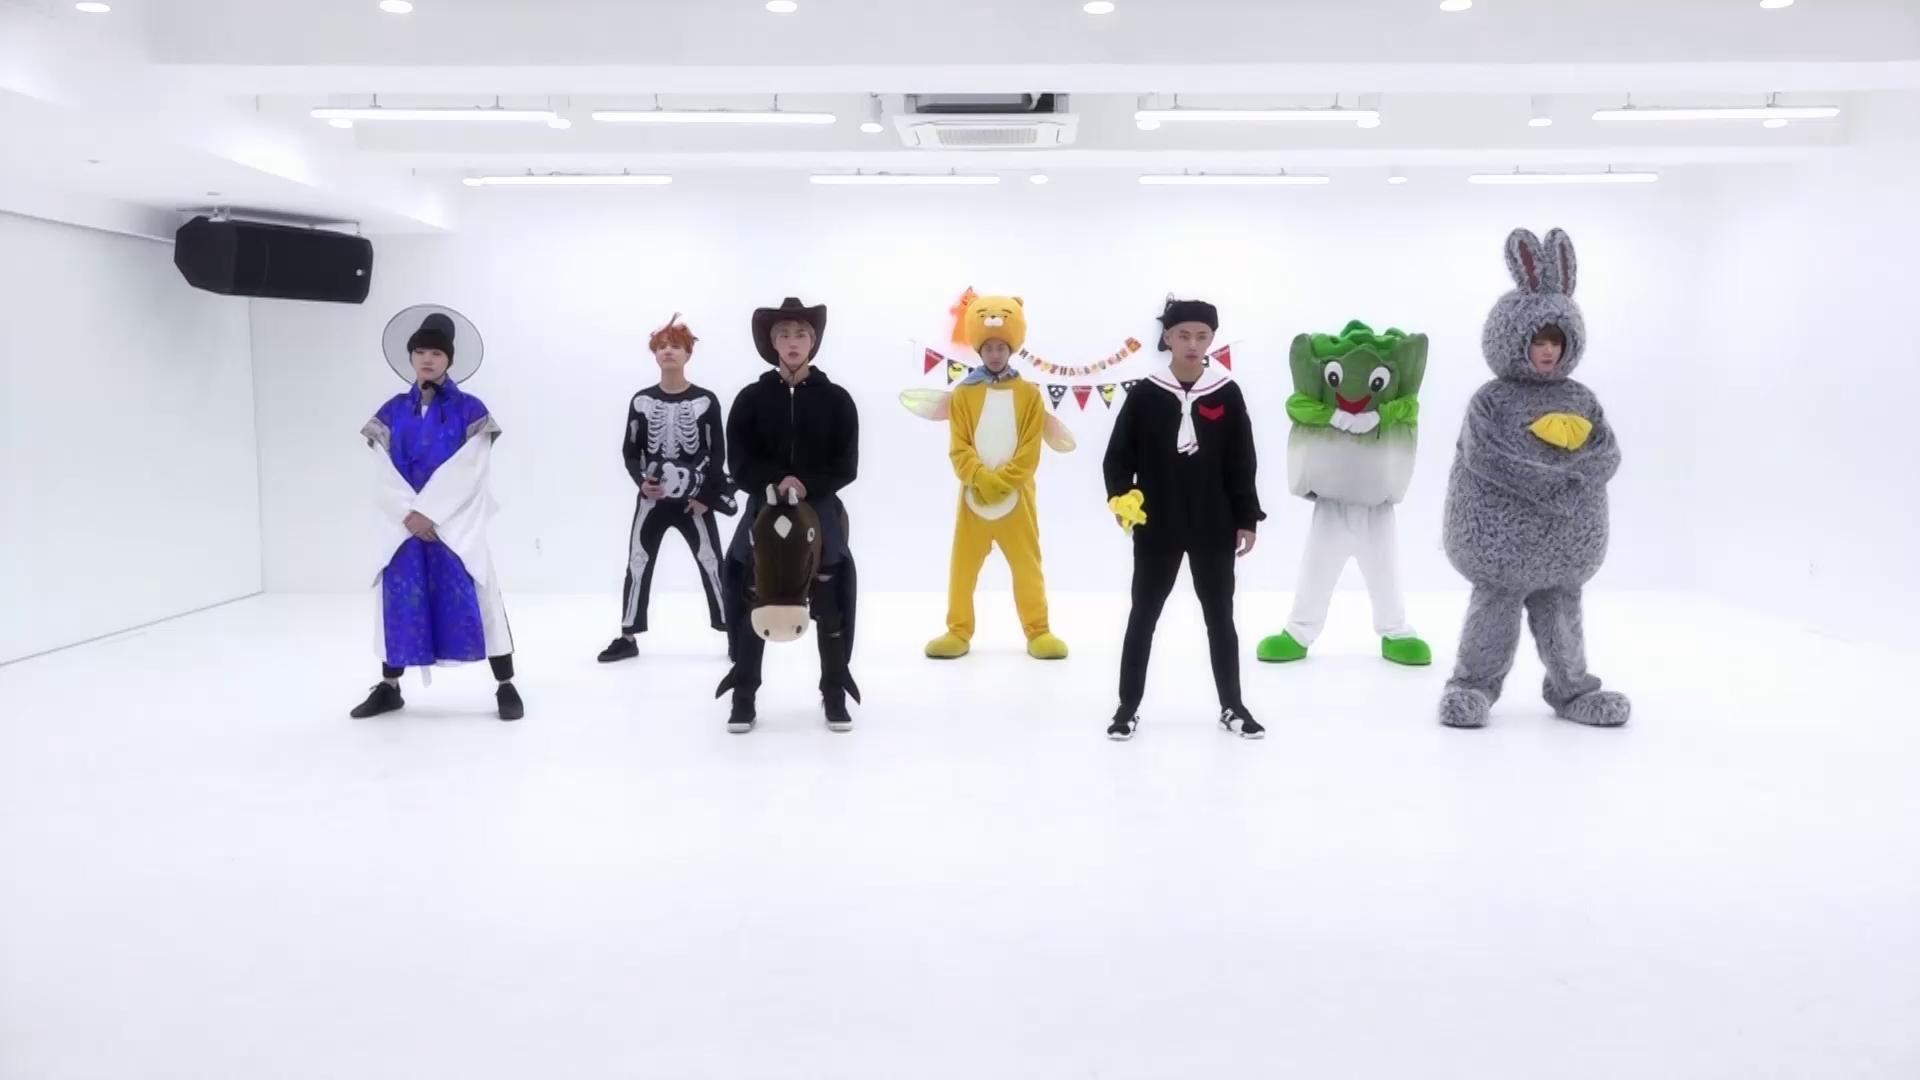 방탄소년단 '21세기 소녀 (21st Century Girl)' Dance Practice (Halloween ver.)